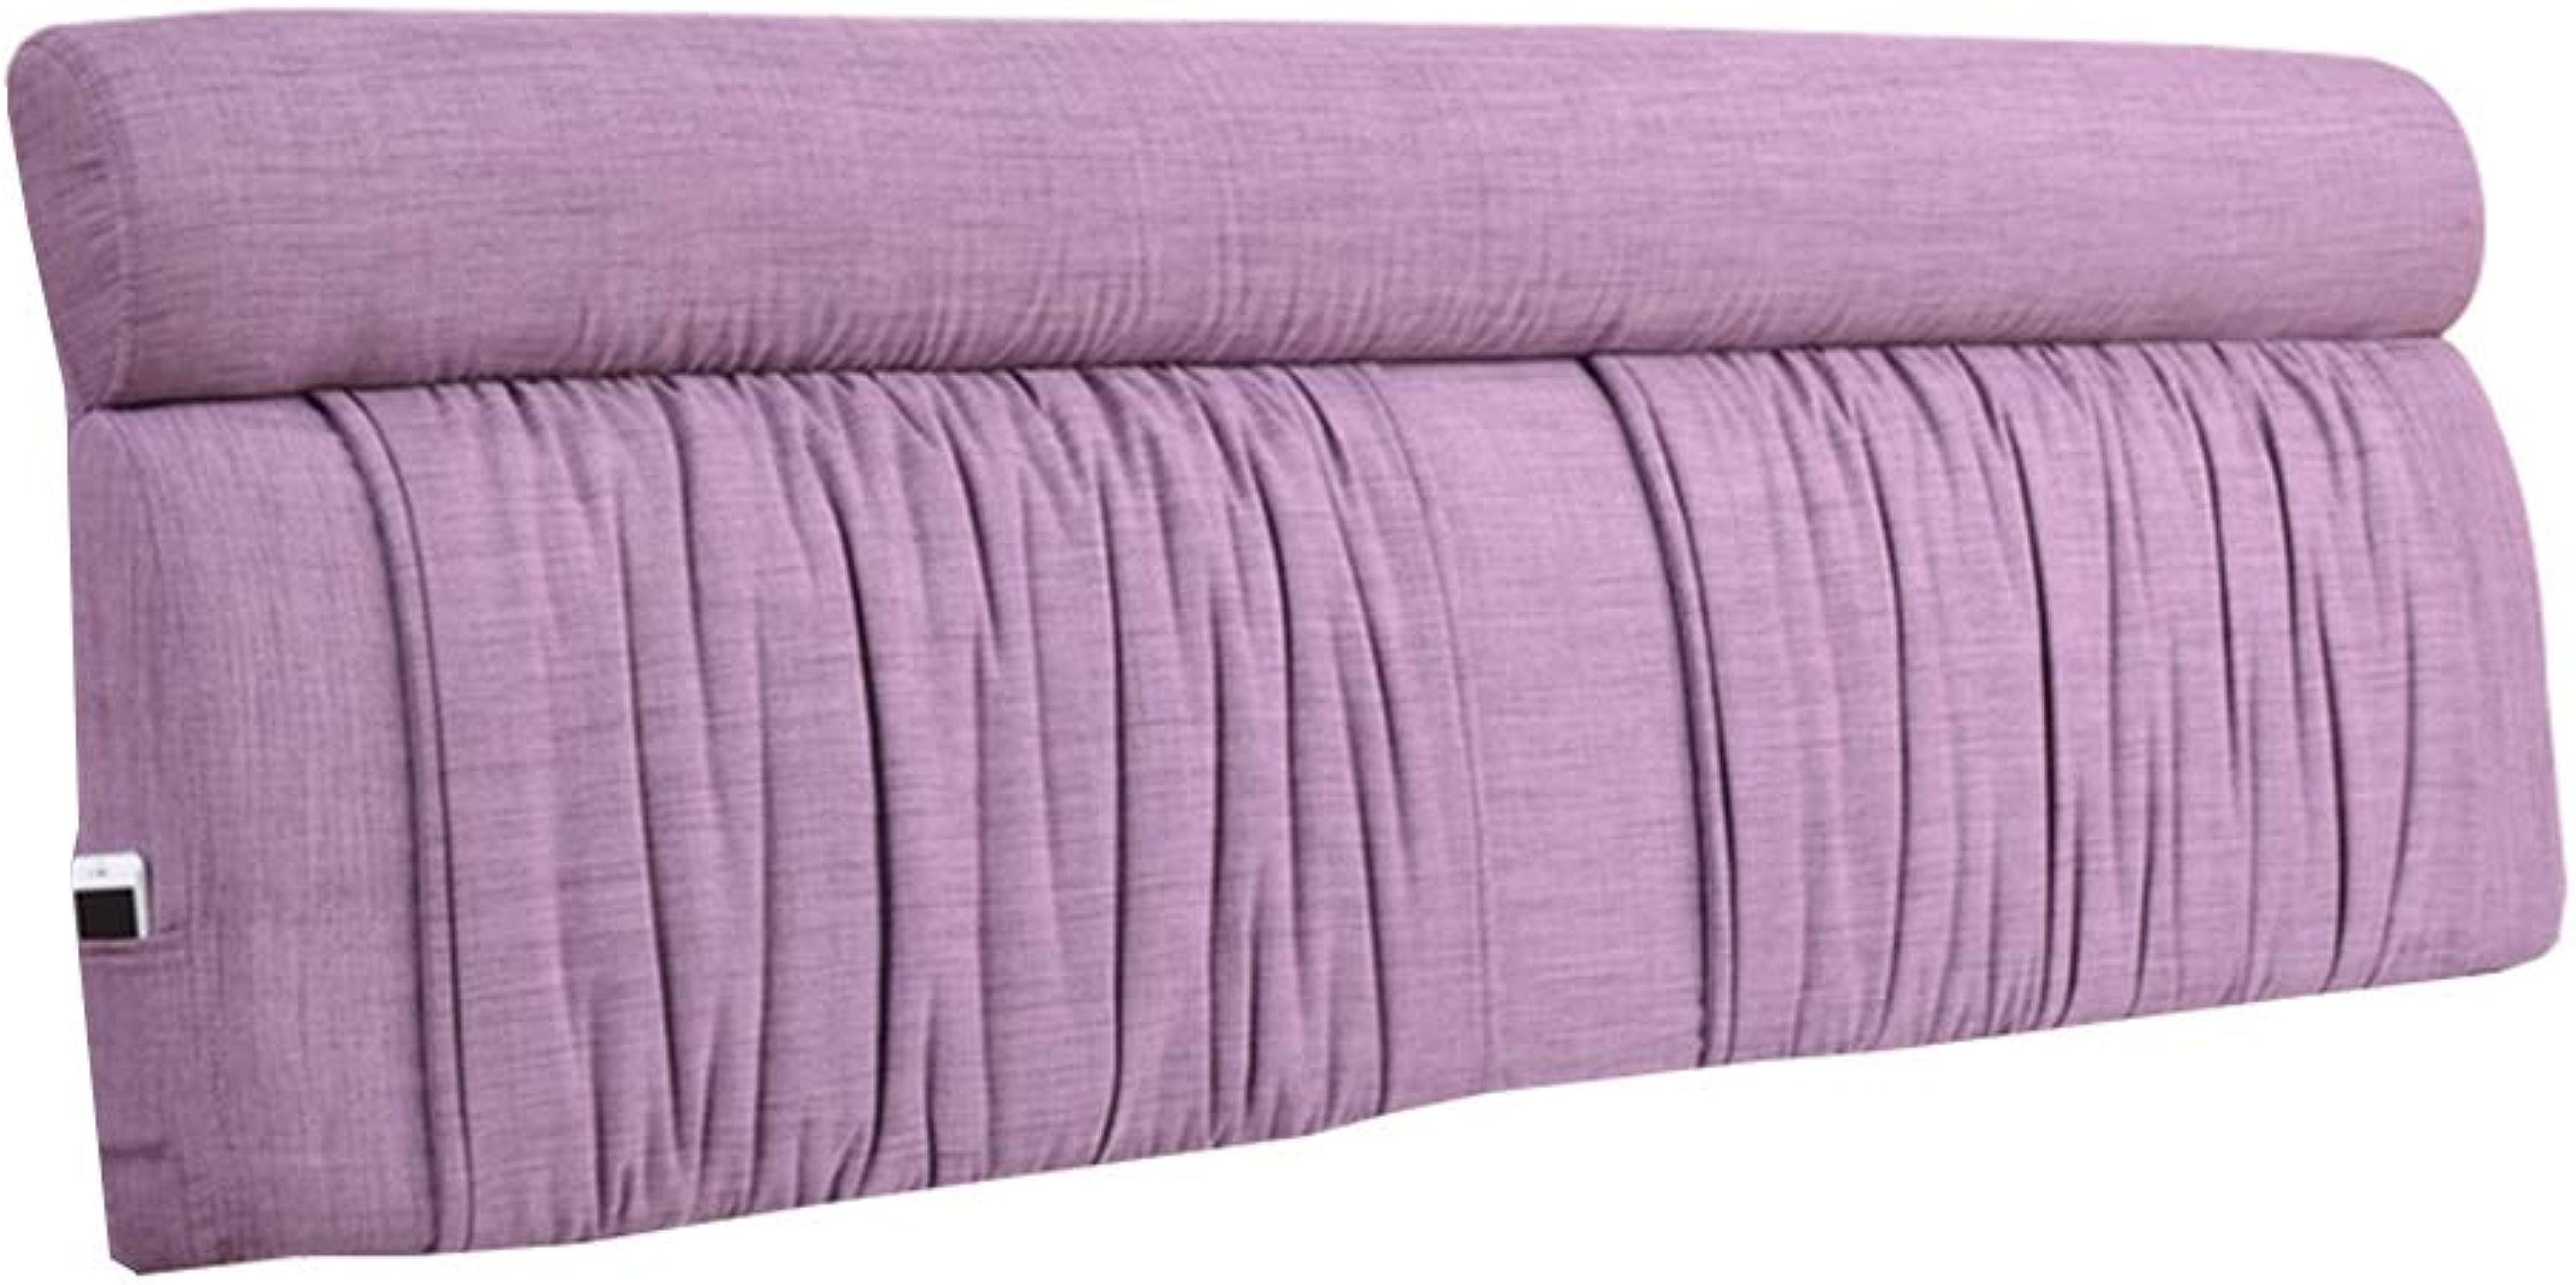 KKCF-Coussins de chevet Taille Prougeectrice Anti-Statique Lis Détachable Chambre Lin, 5 Couleurs 8 Tailles (Couleur   A, Taille   120x60x12cm)